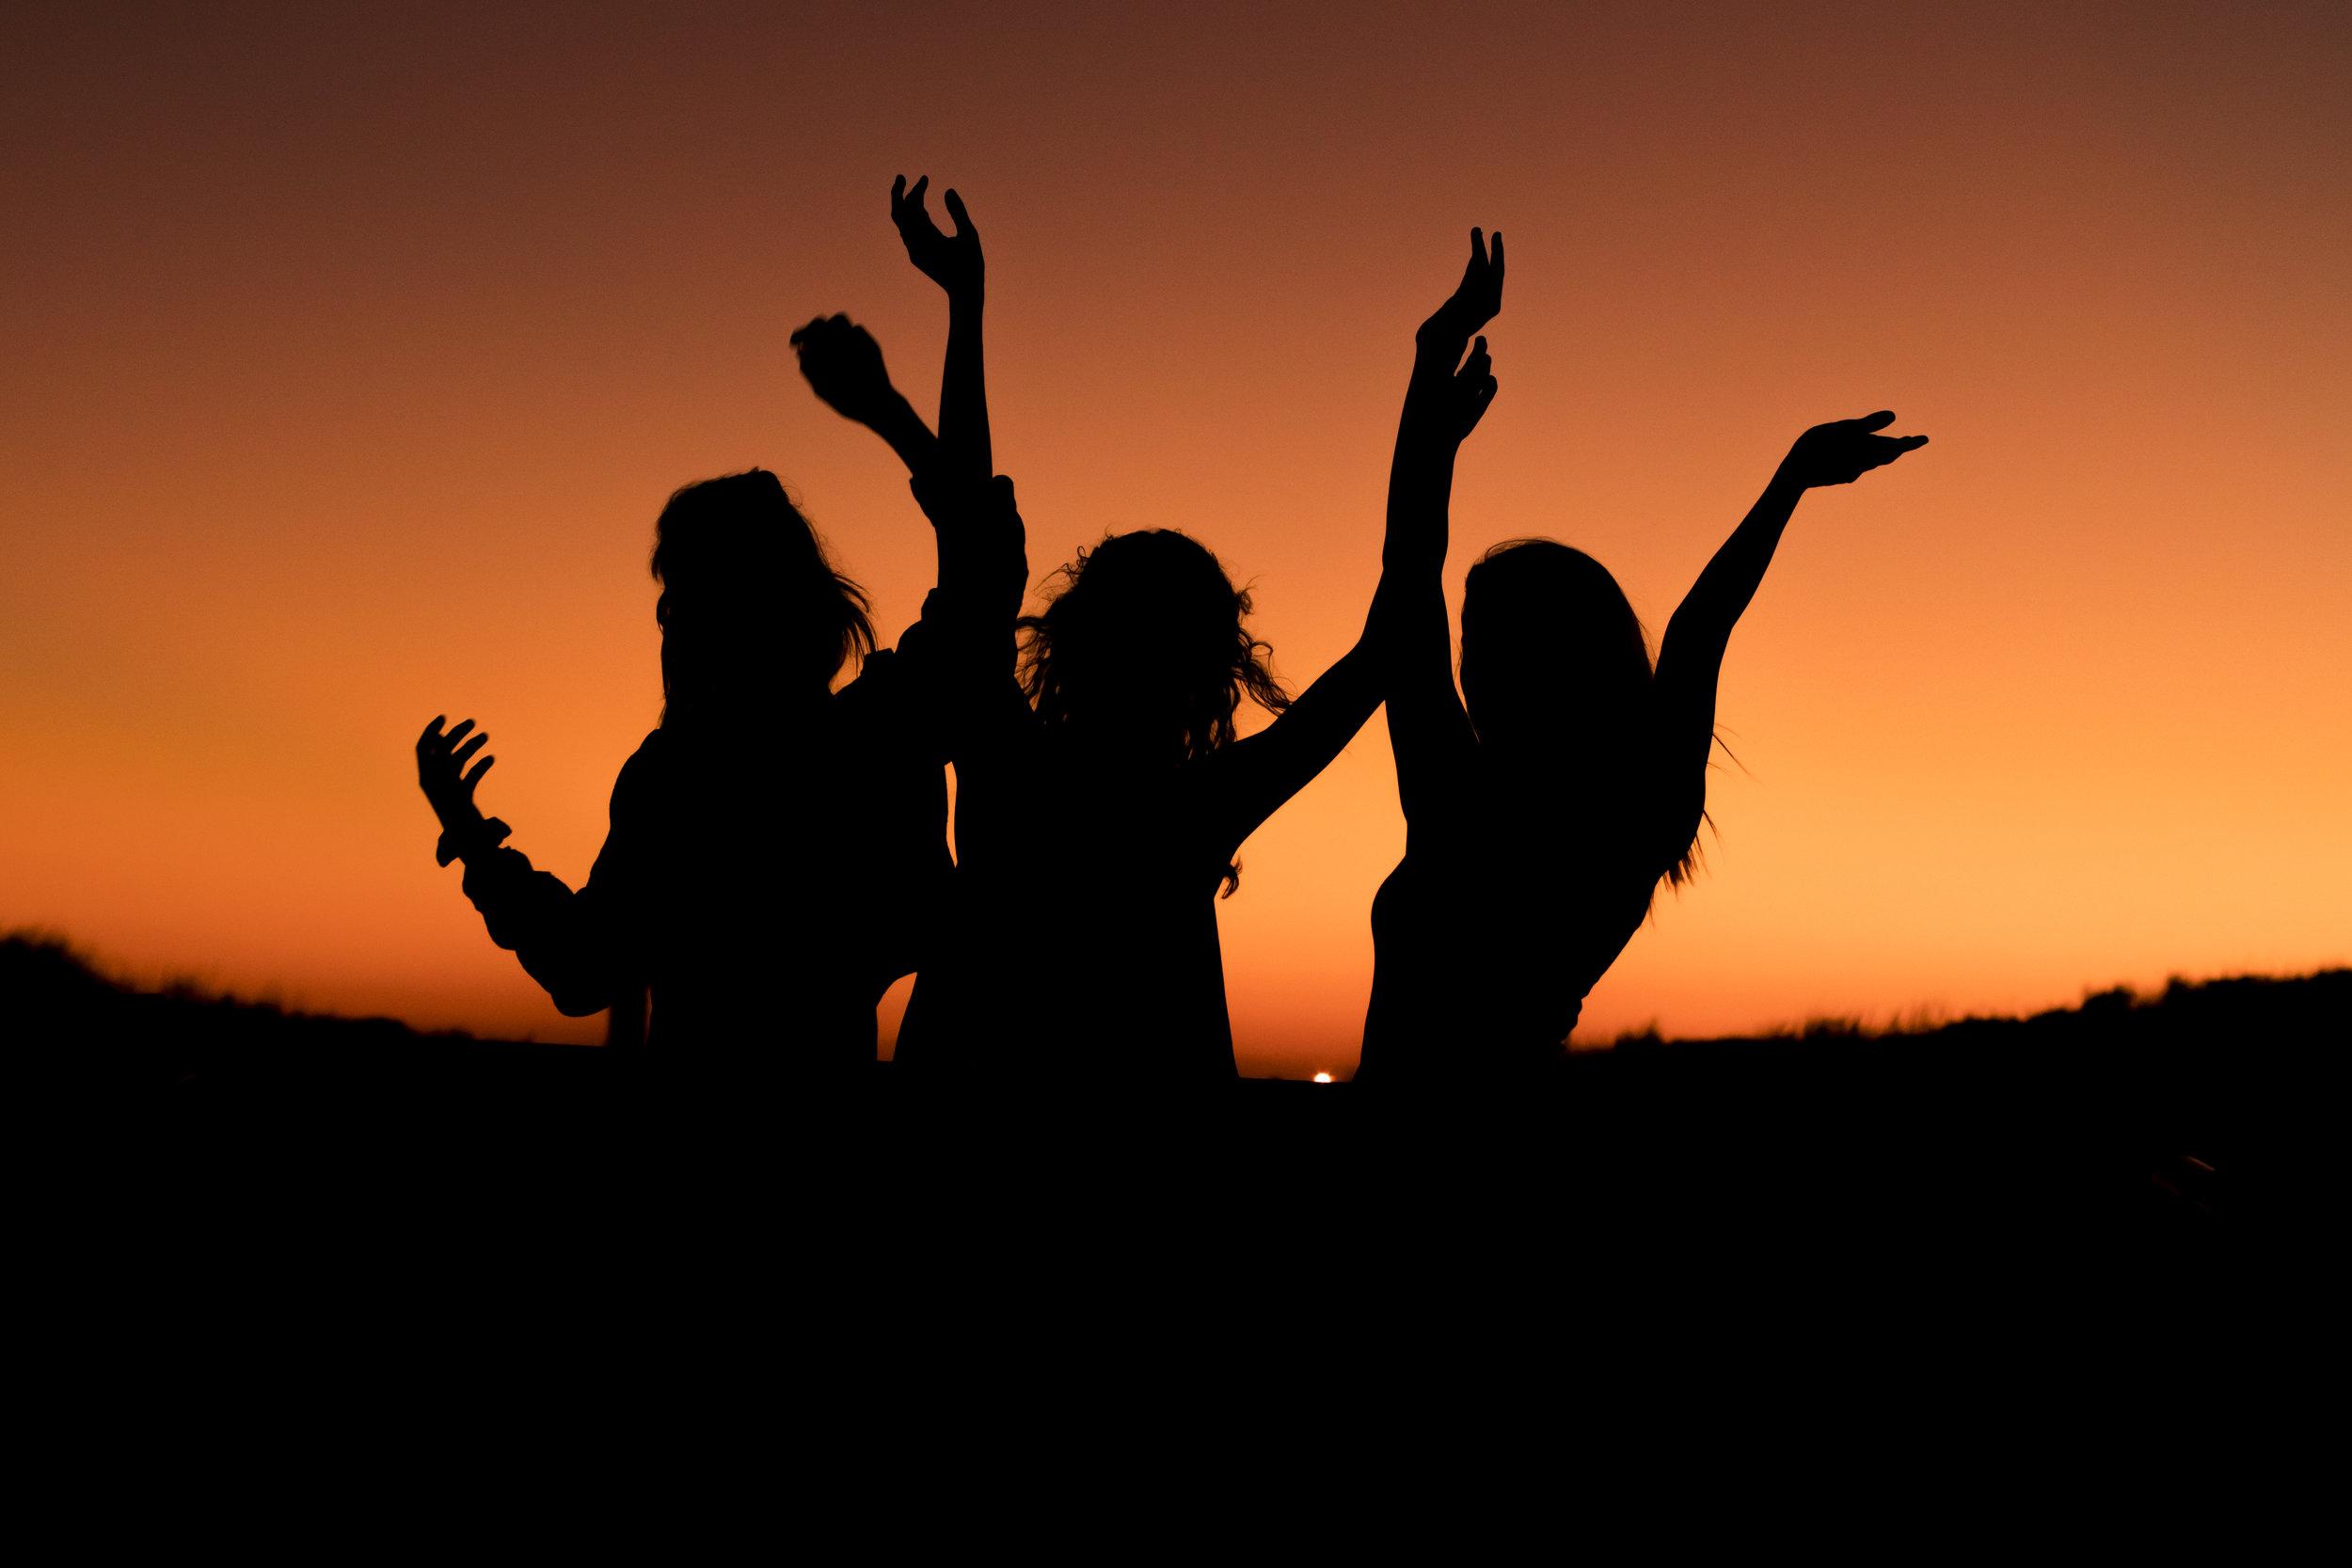 Weibliche Kraft und natürliche Verbindung - Frauenkreise sind heute genauso relevant wie je zuvor. Sie unterstützen uns, zu verstehen, wer wir wirklich sind, was weibliche Kraft in der heutigen Zeit bedeutet und läßt uns unsere wahren Bedürfnisse und Sehnsüchte besser verstehen. Durch den Austausch und das begegnen auf Herzens- ebene, entsteht ein heilendes und nährendes Miteinander, ein zurückkommen und erinnern, was es bedeutet Frau zu sein und in einem weiblichen Körper zu leben.